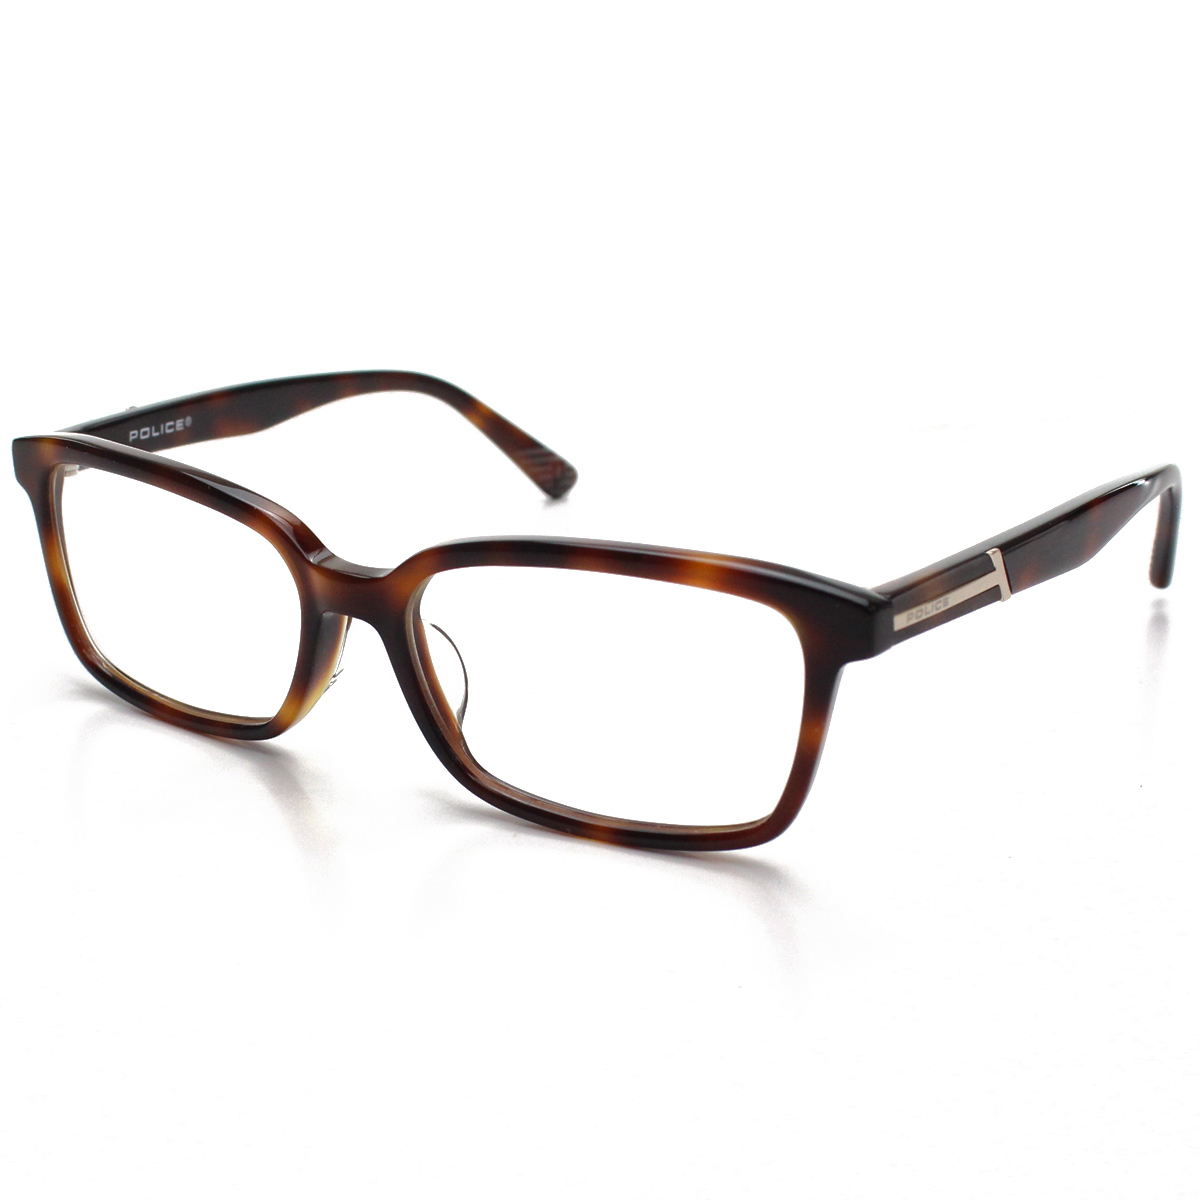 ポリス POLICE ダテ眼鏡 メガネフレーム ブラウンデミ べっこう柄 VPL426J 02BN ブラウン系 メンズ